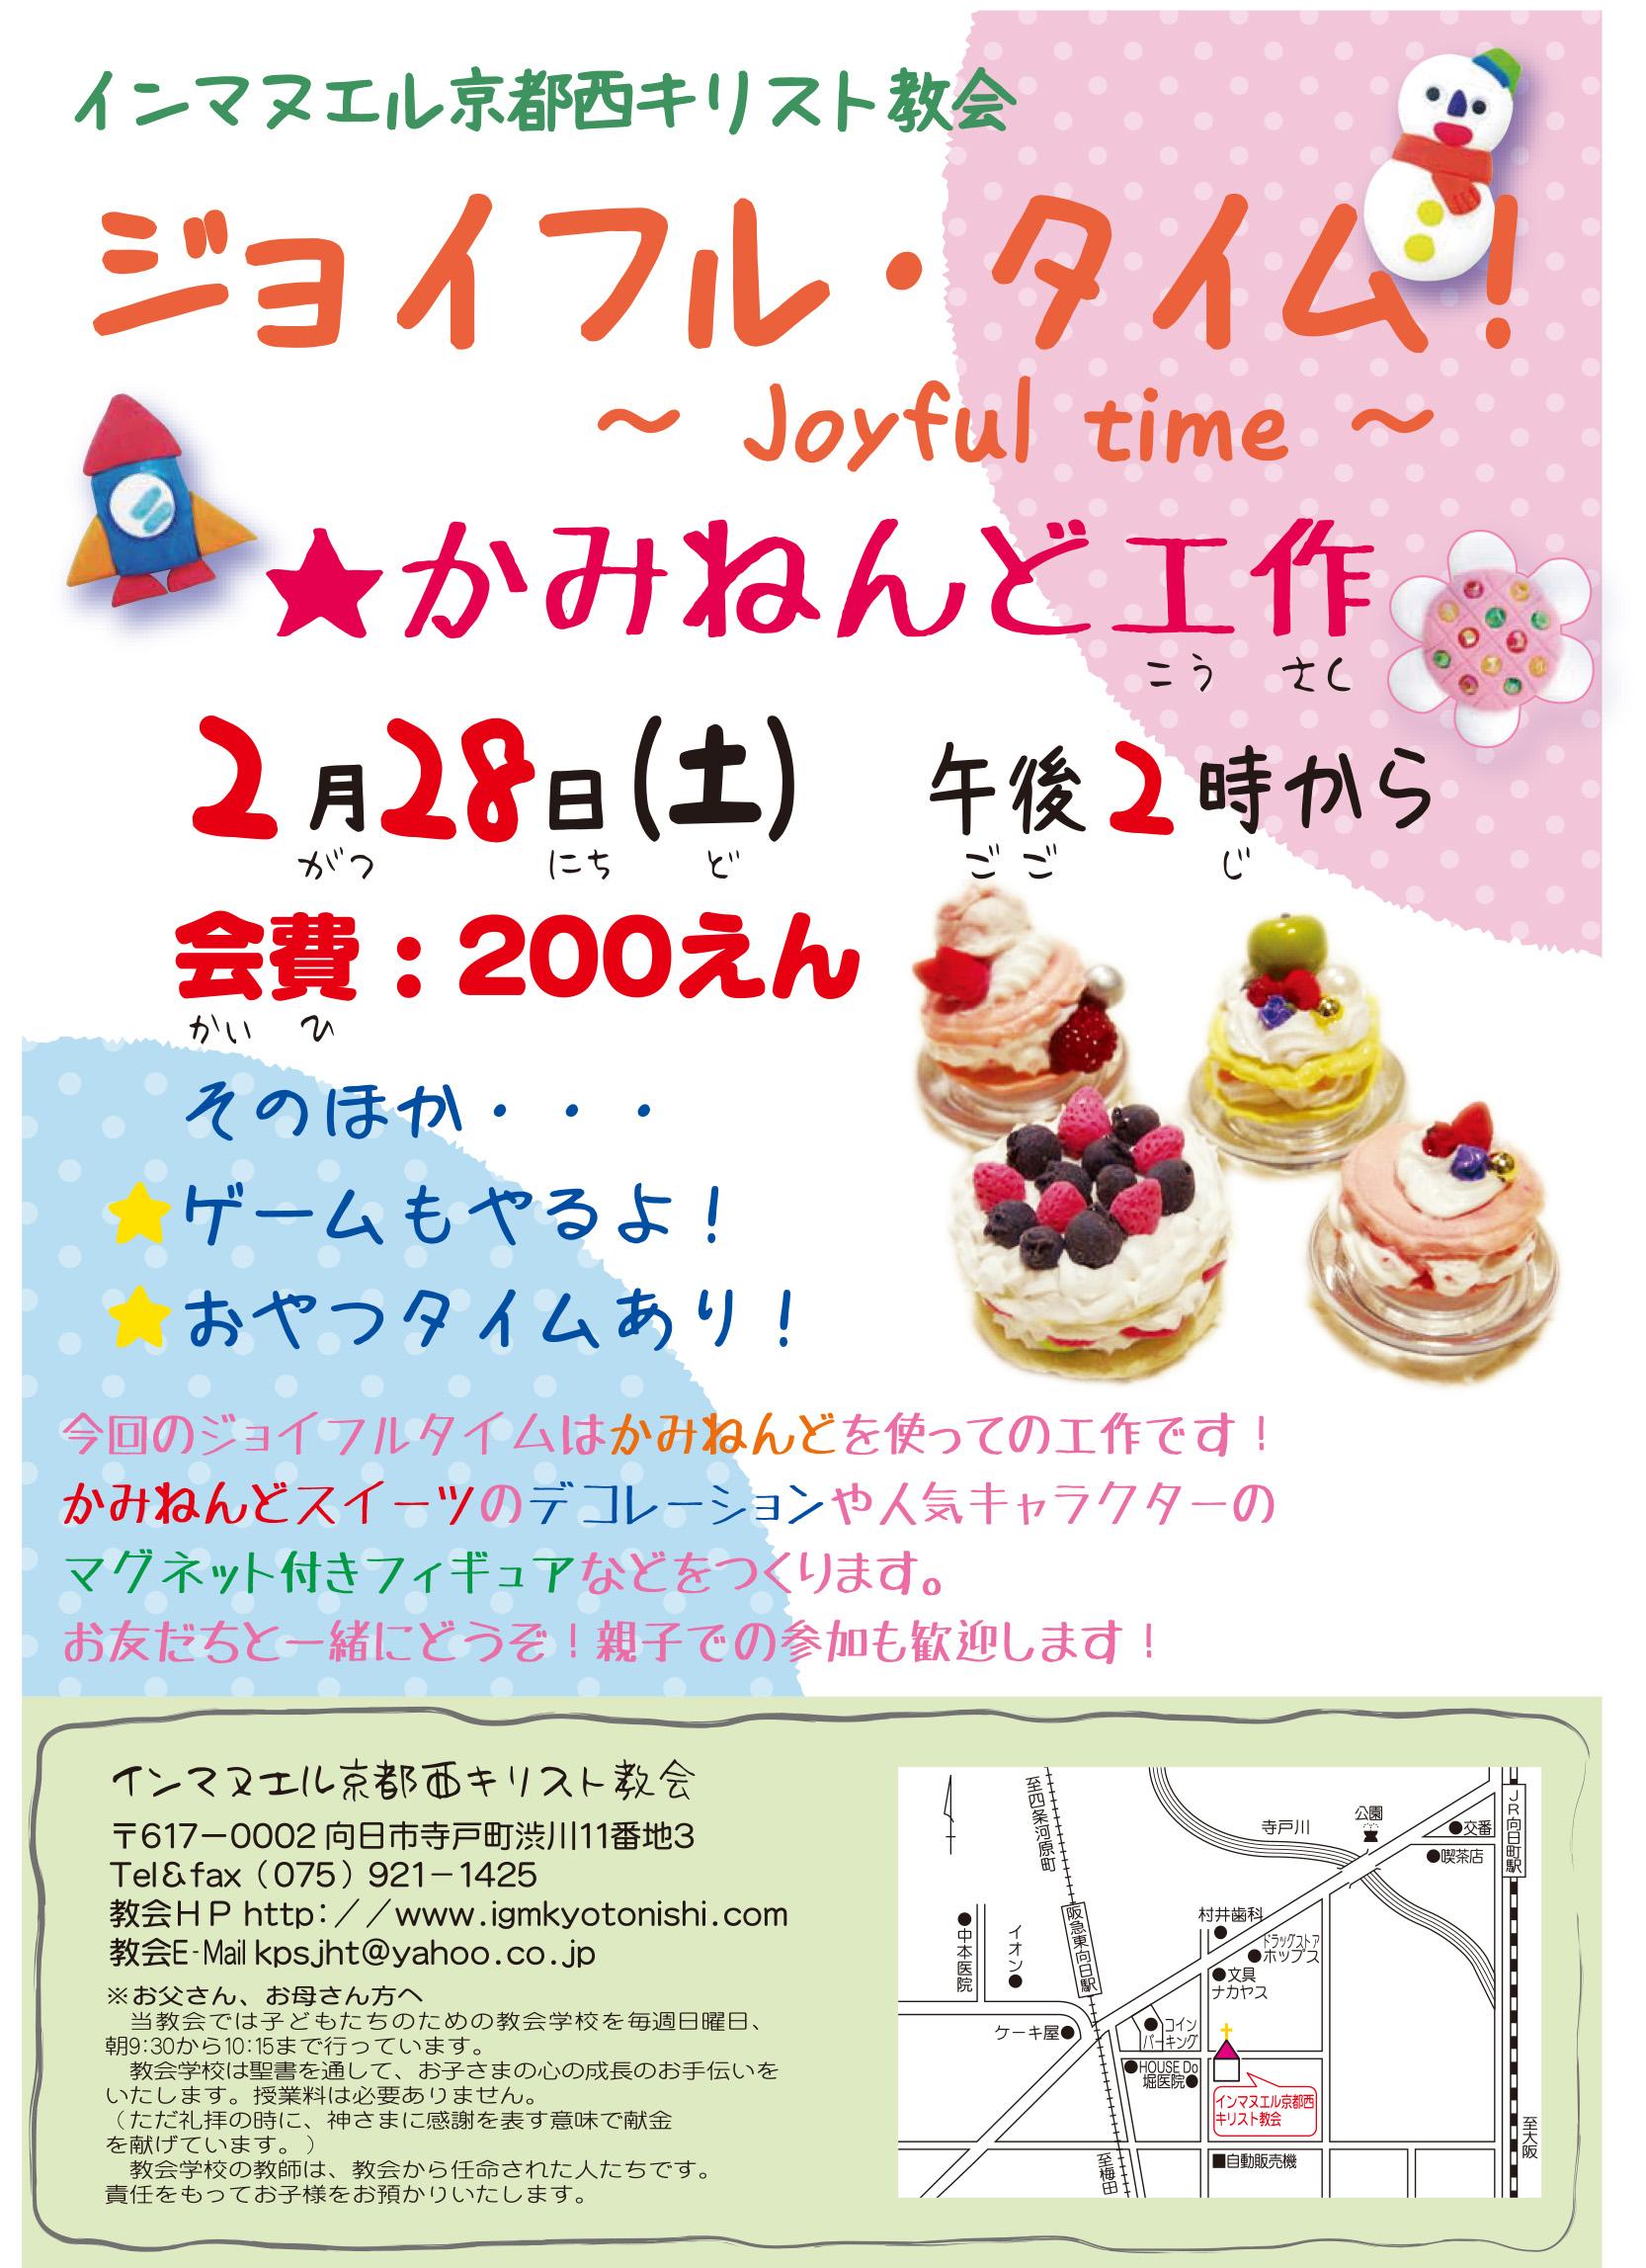 2015年2月28日(土)午後14:00〜 ジョイフル・タイム